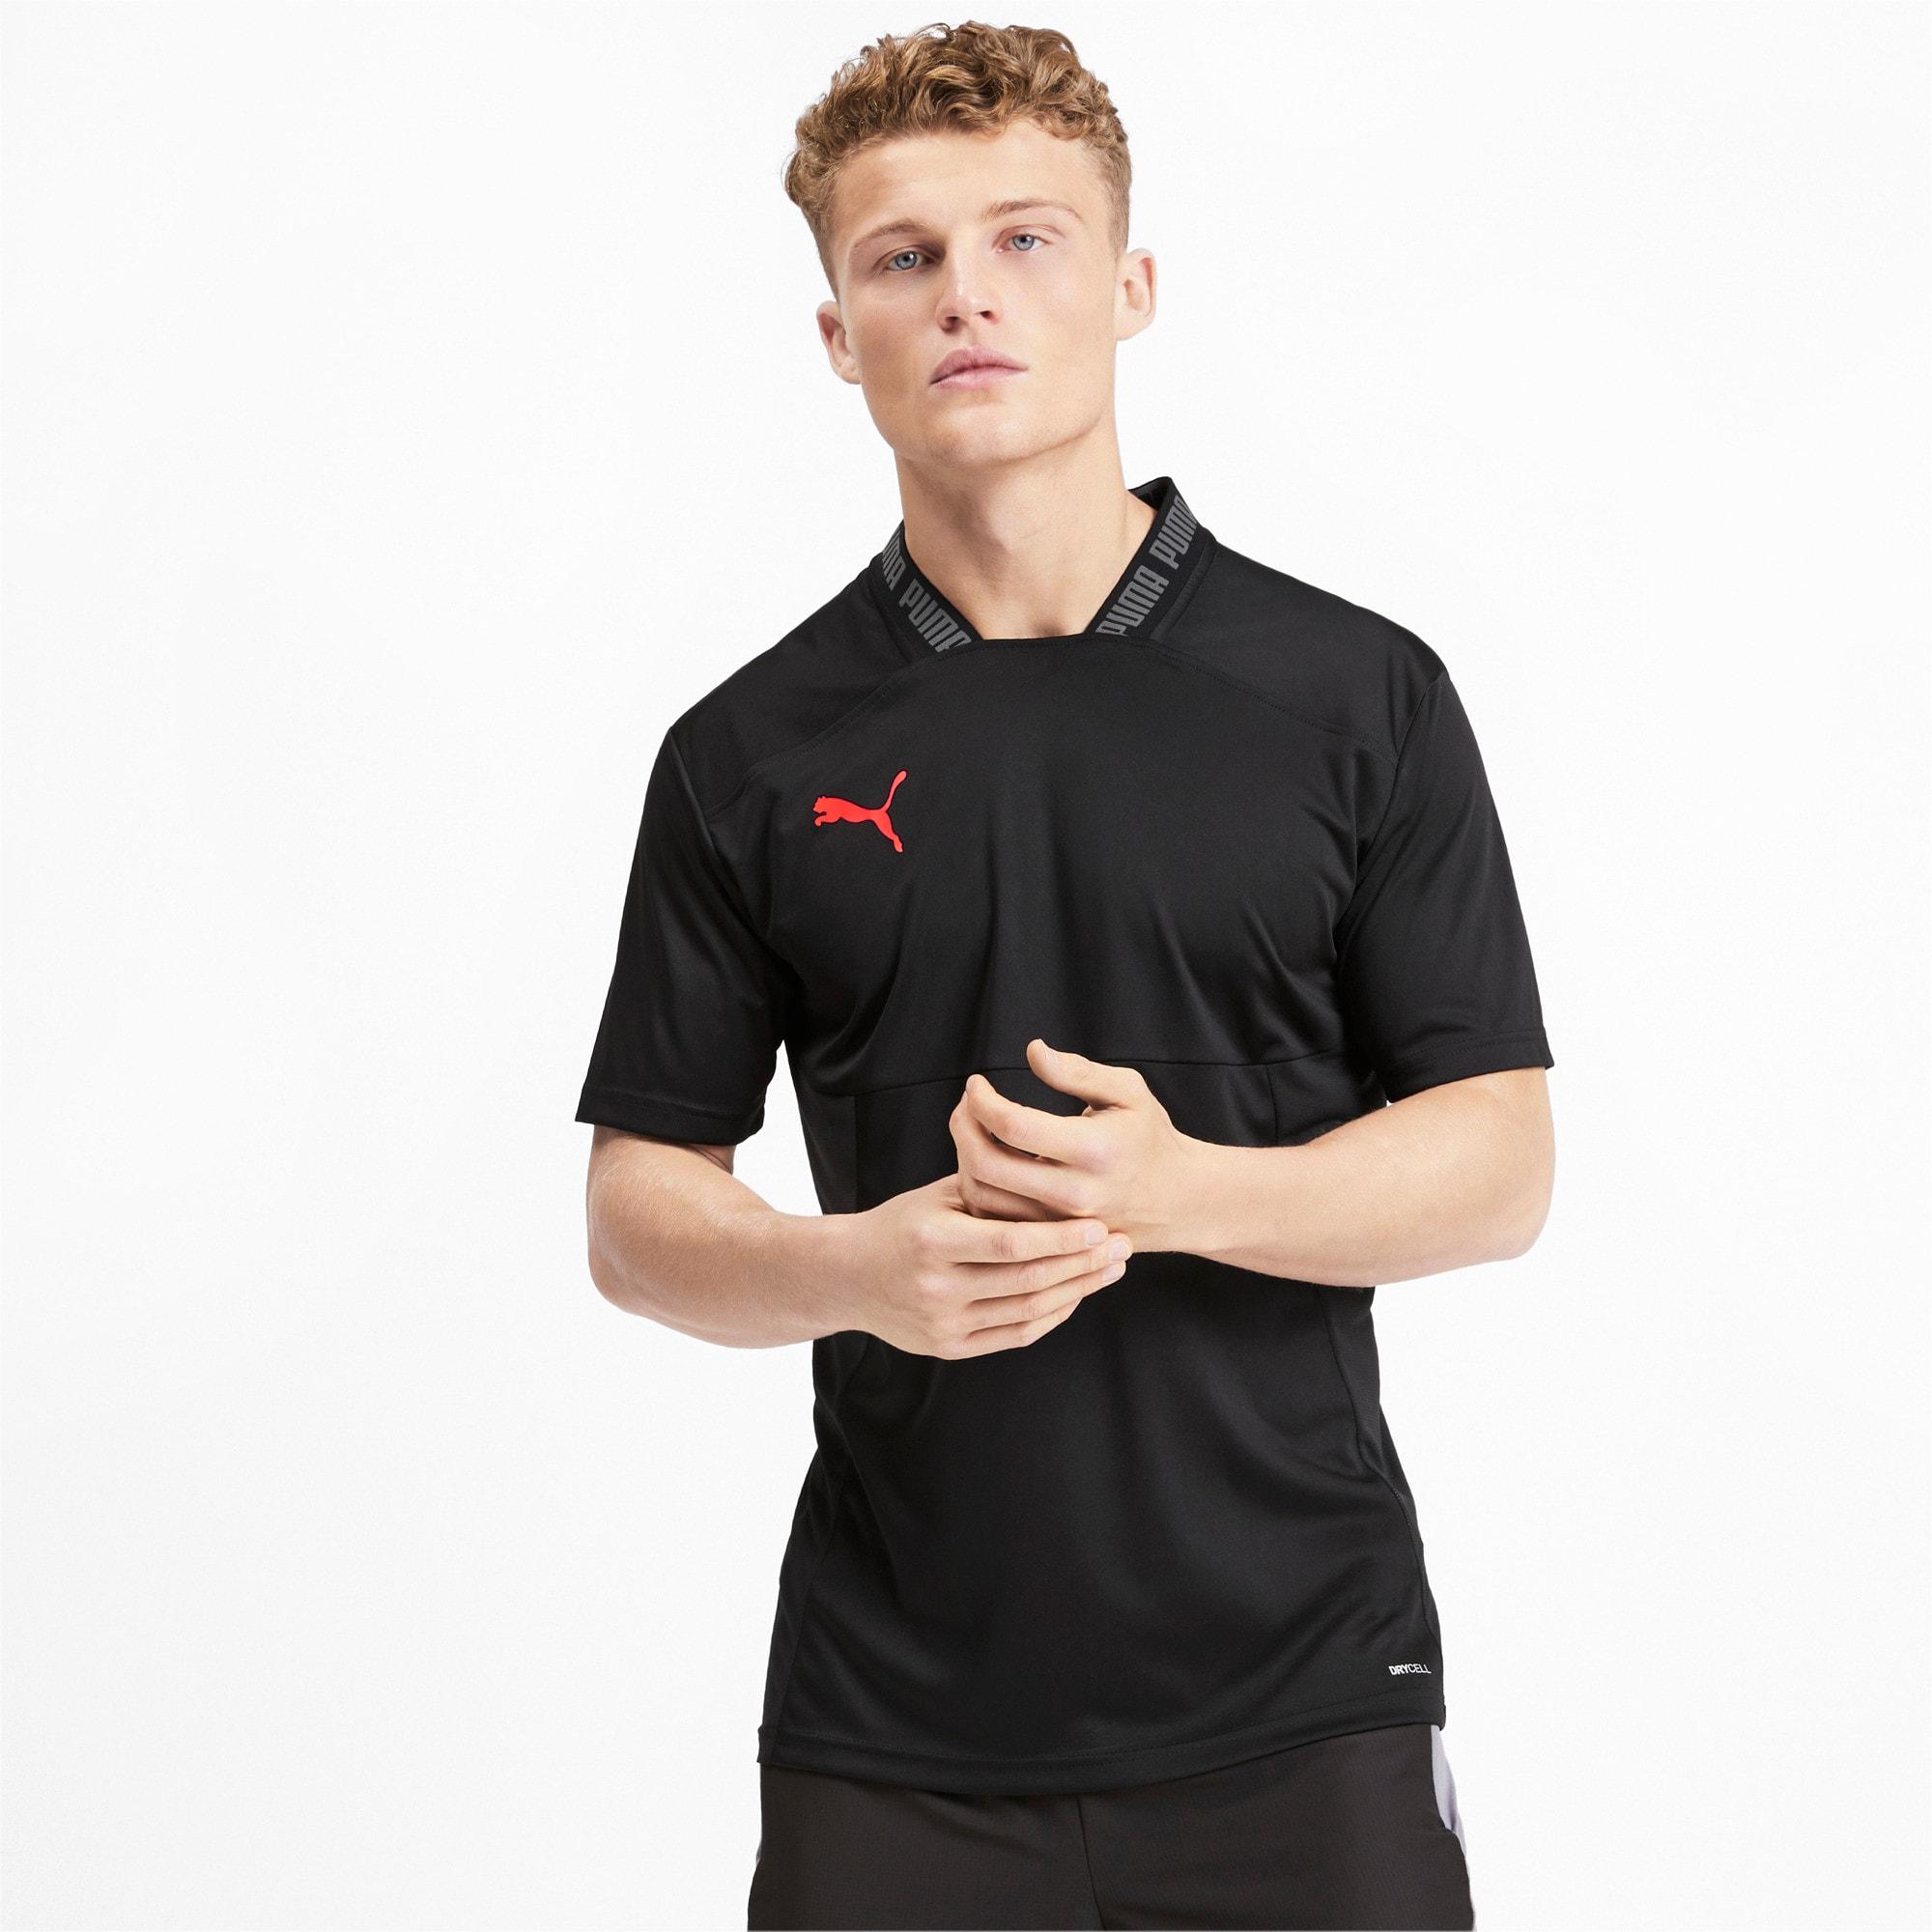 Thumbnail 1 of Colour Shift Men's Shirt, Puma Black-Nrgy Red, medium